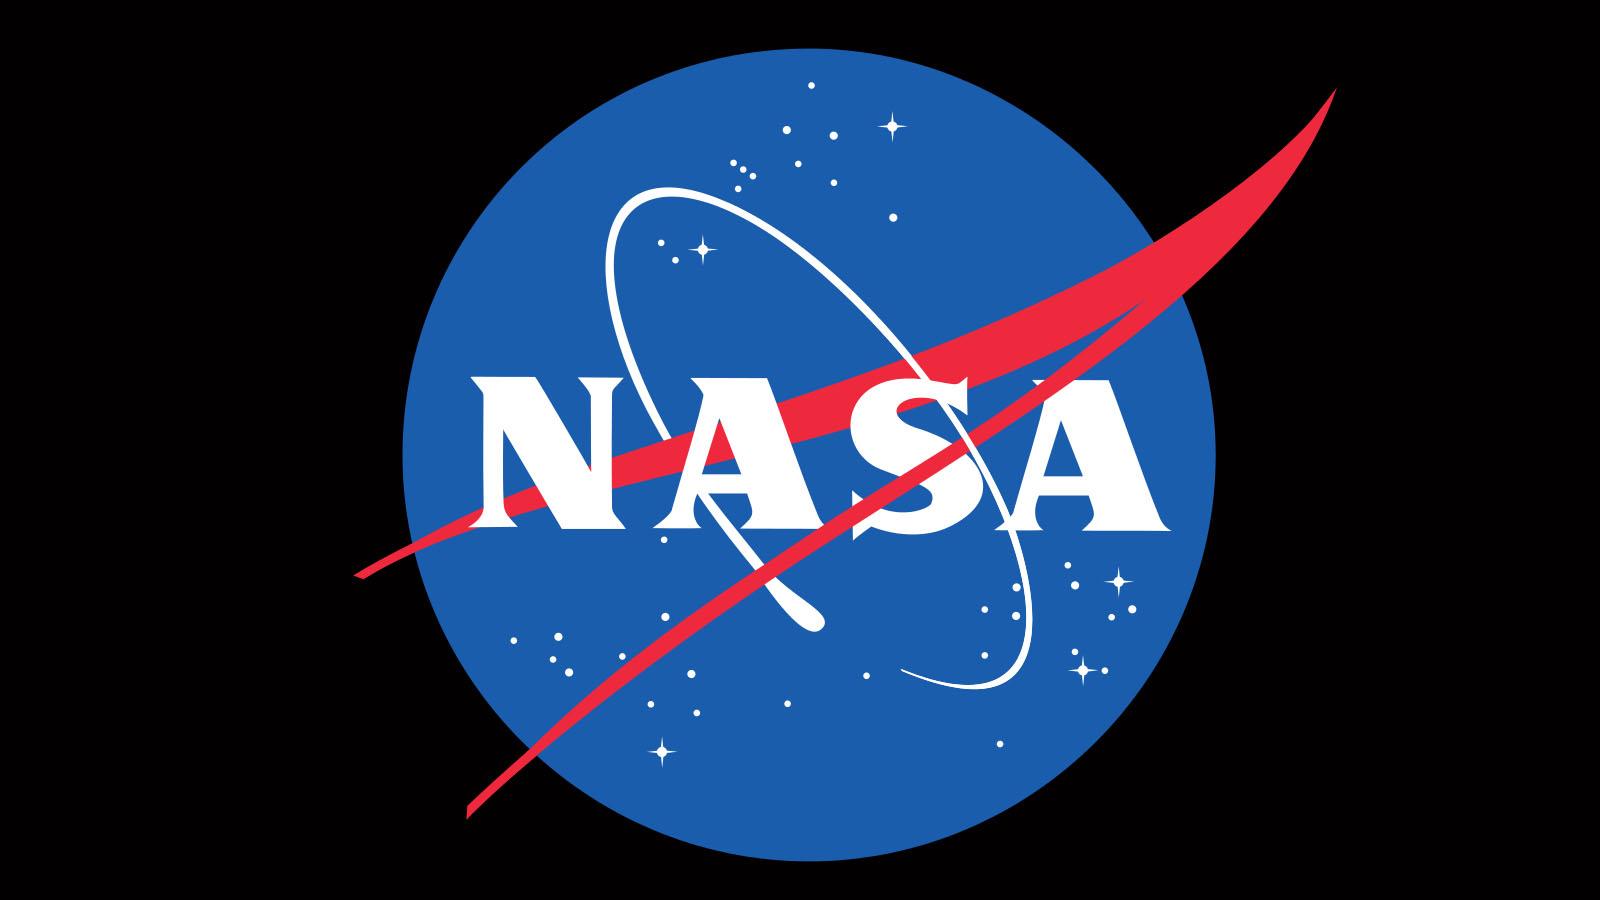 nasa-logo_1455918318678.jpg